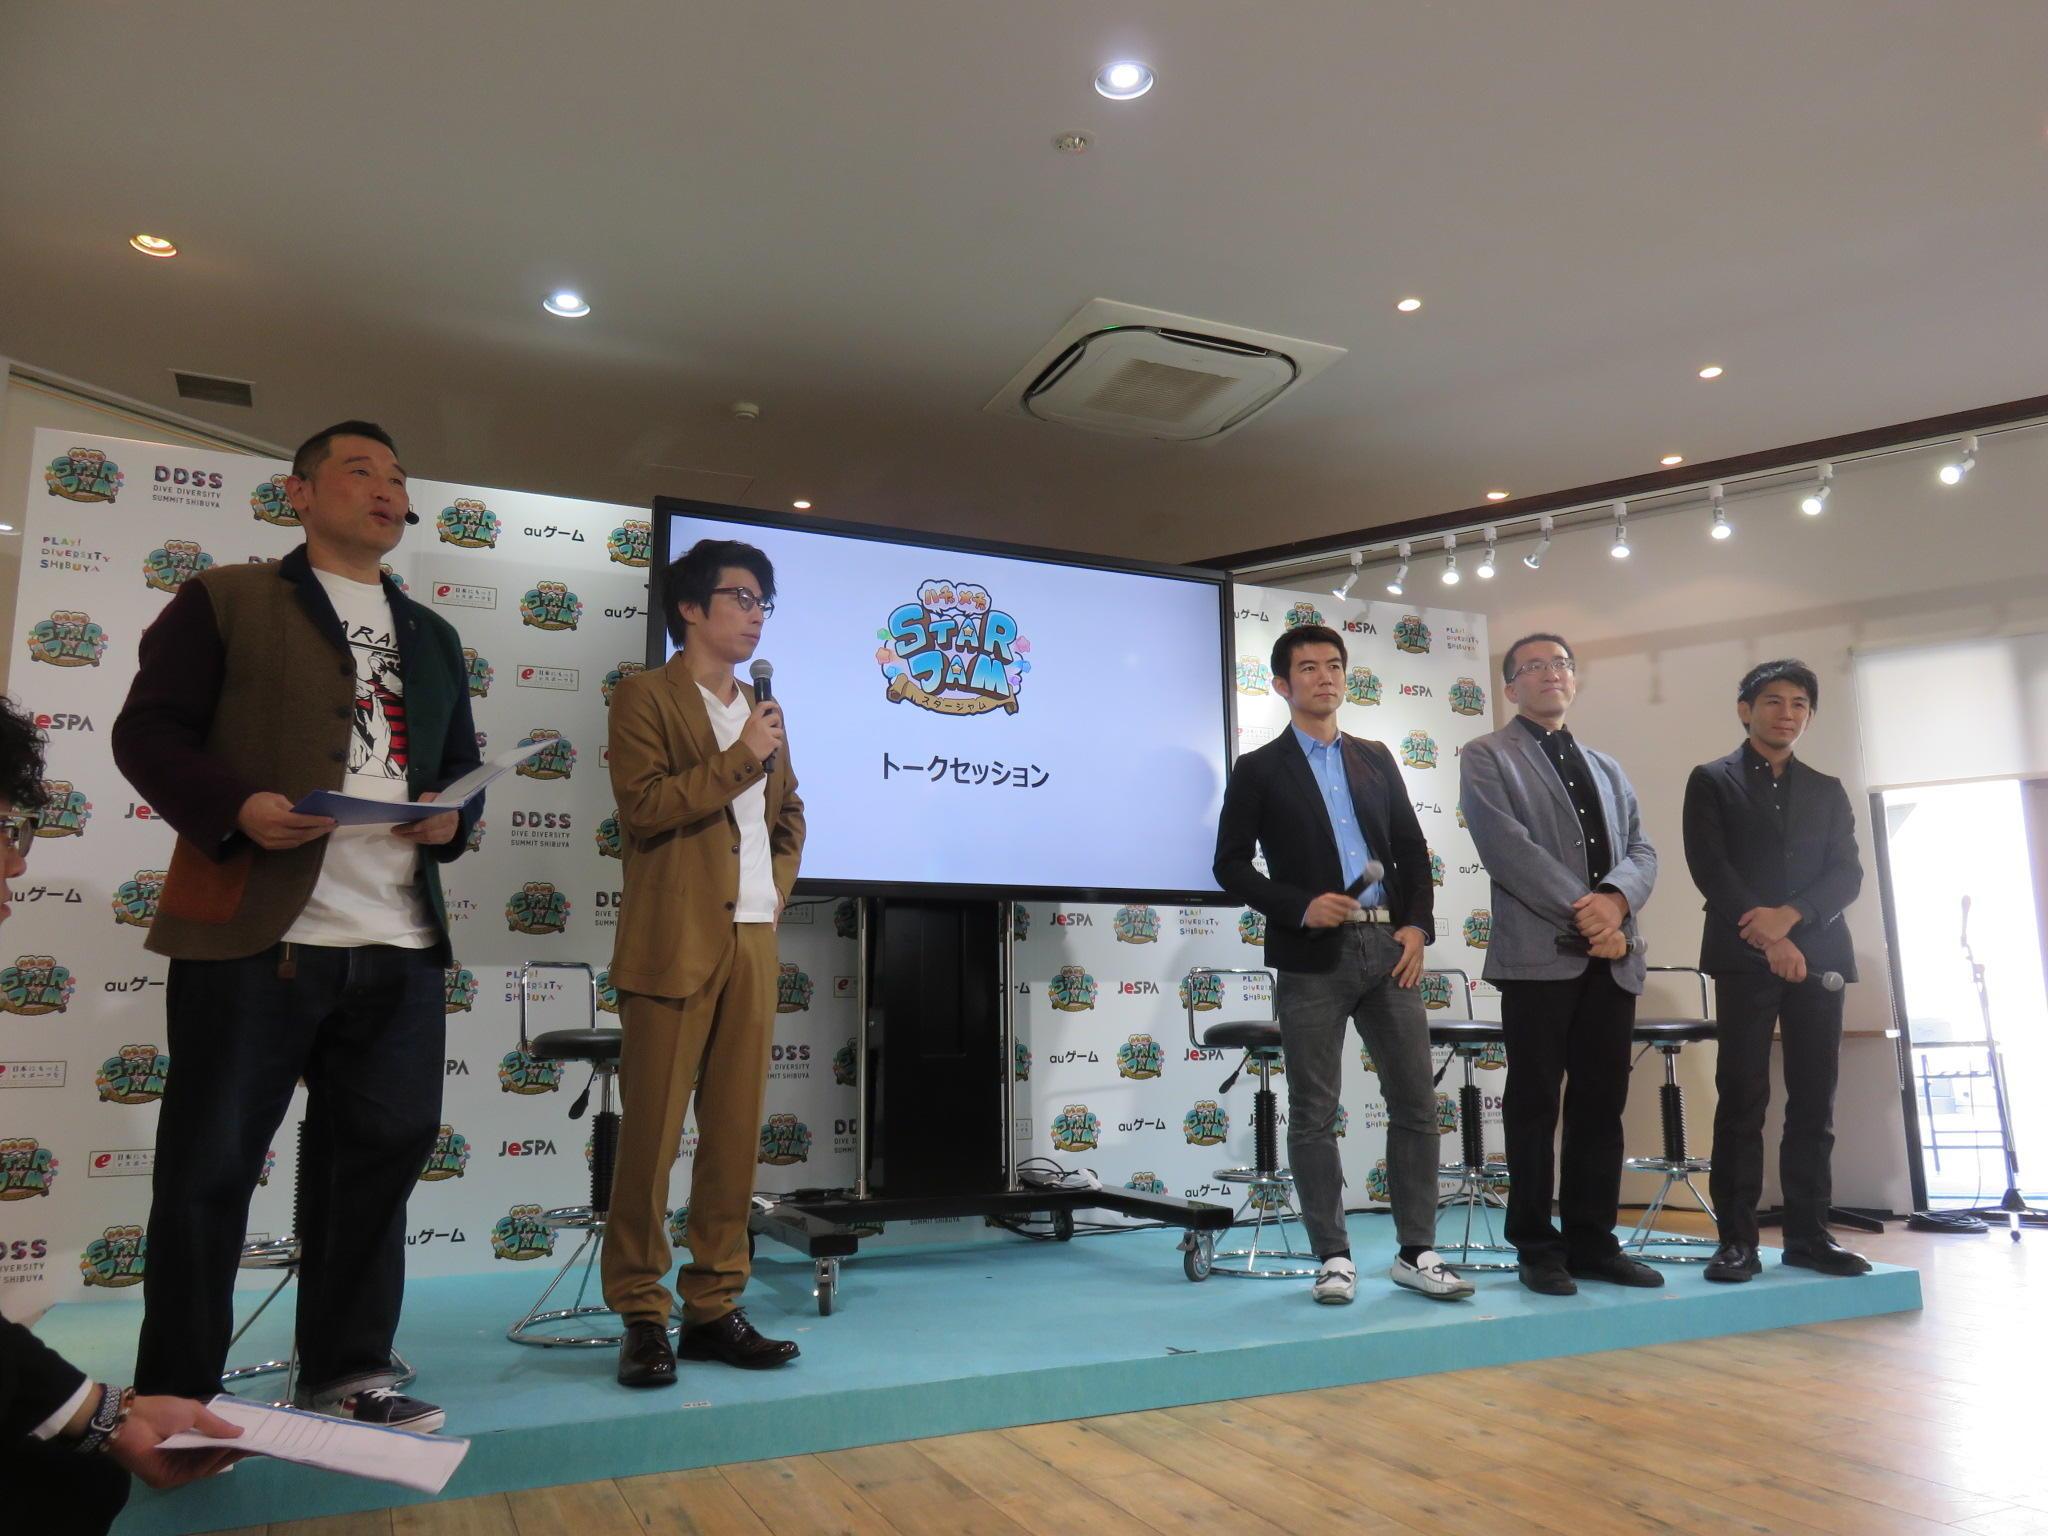 http://news.yoshimoto.co.jp/20171112005205-2a0163ba1208ee0d32af9d6ff23e5c5ee3963b63.jpg